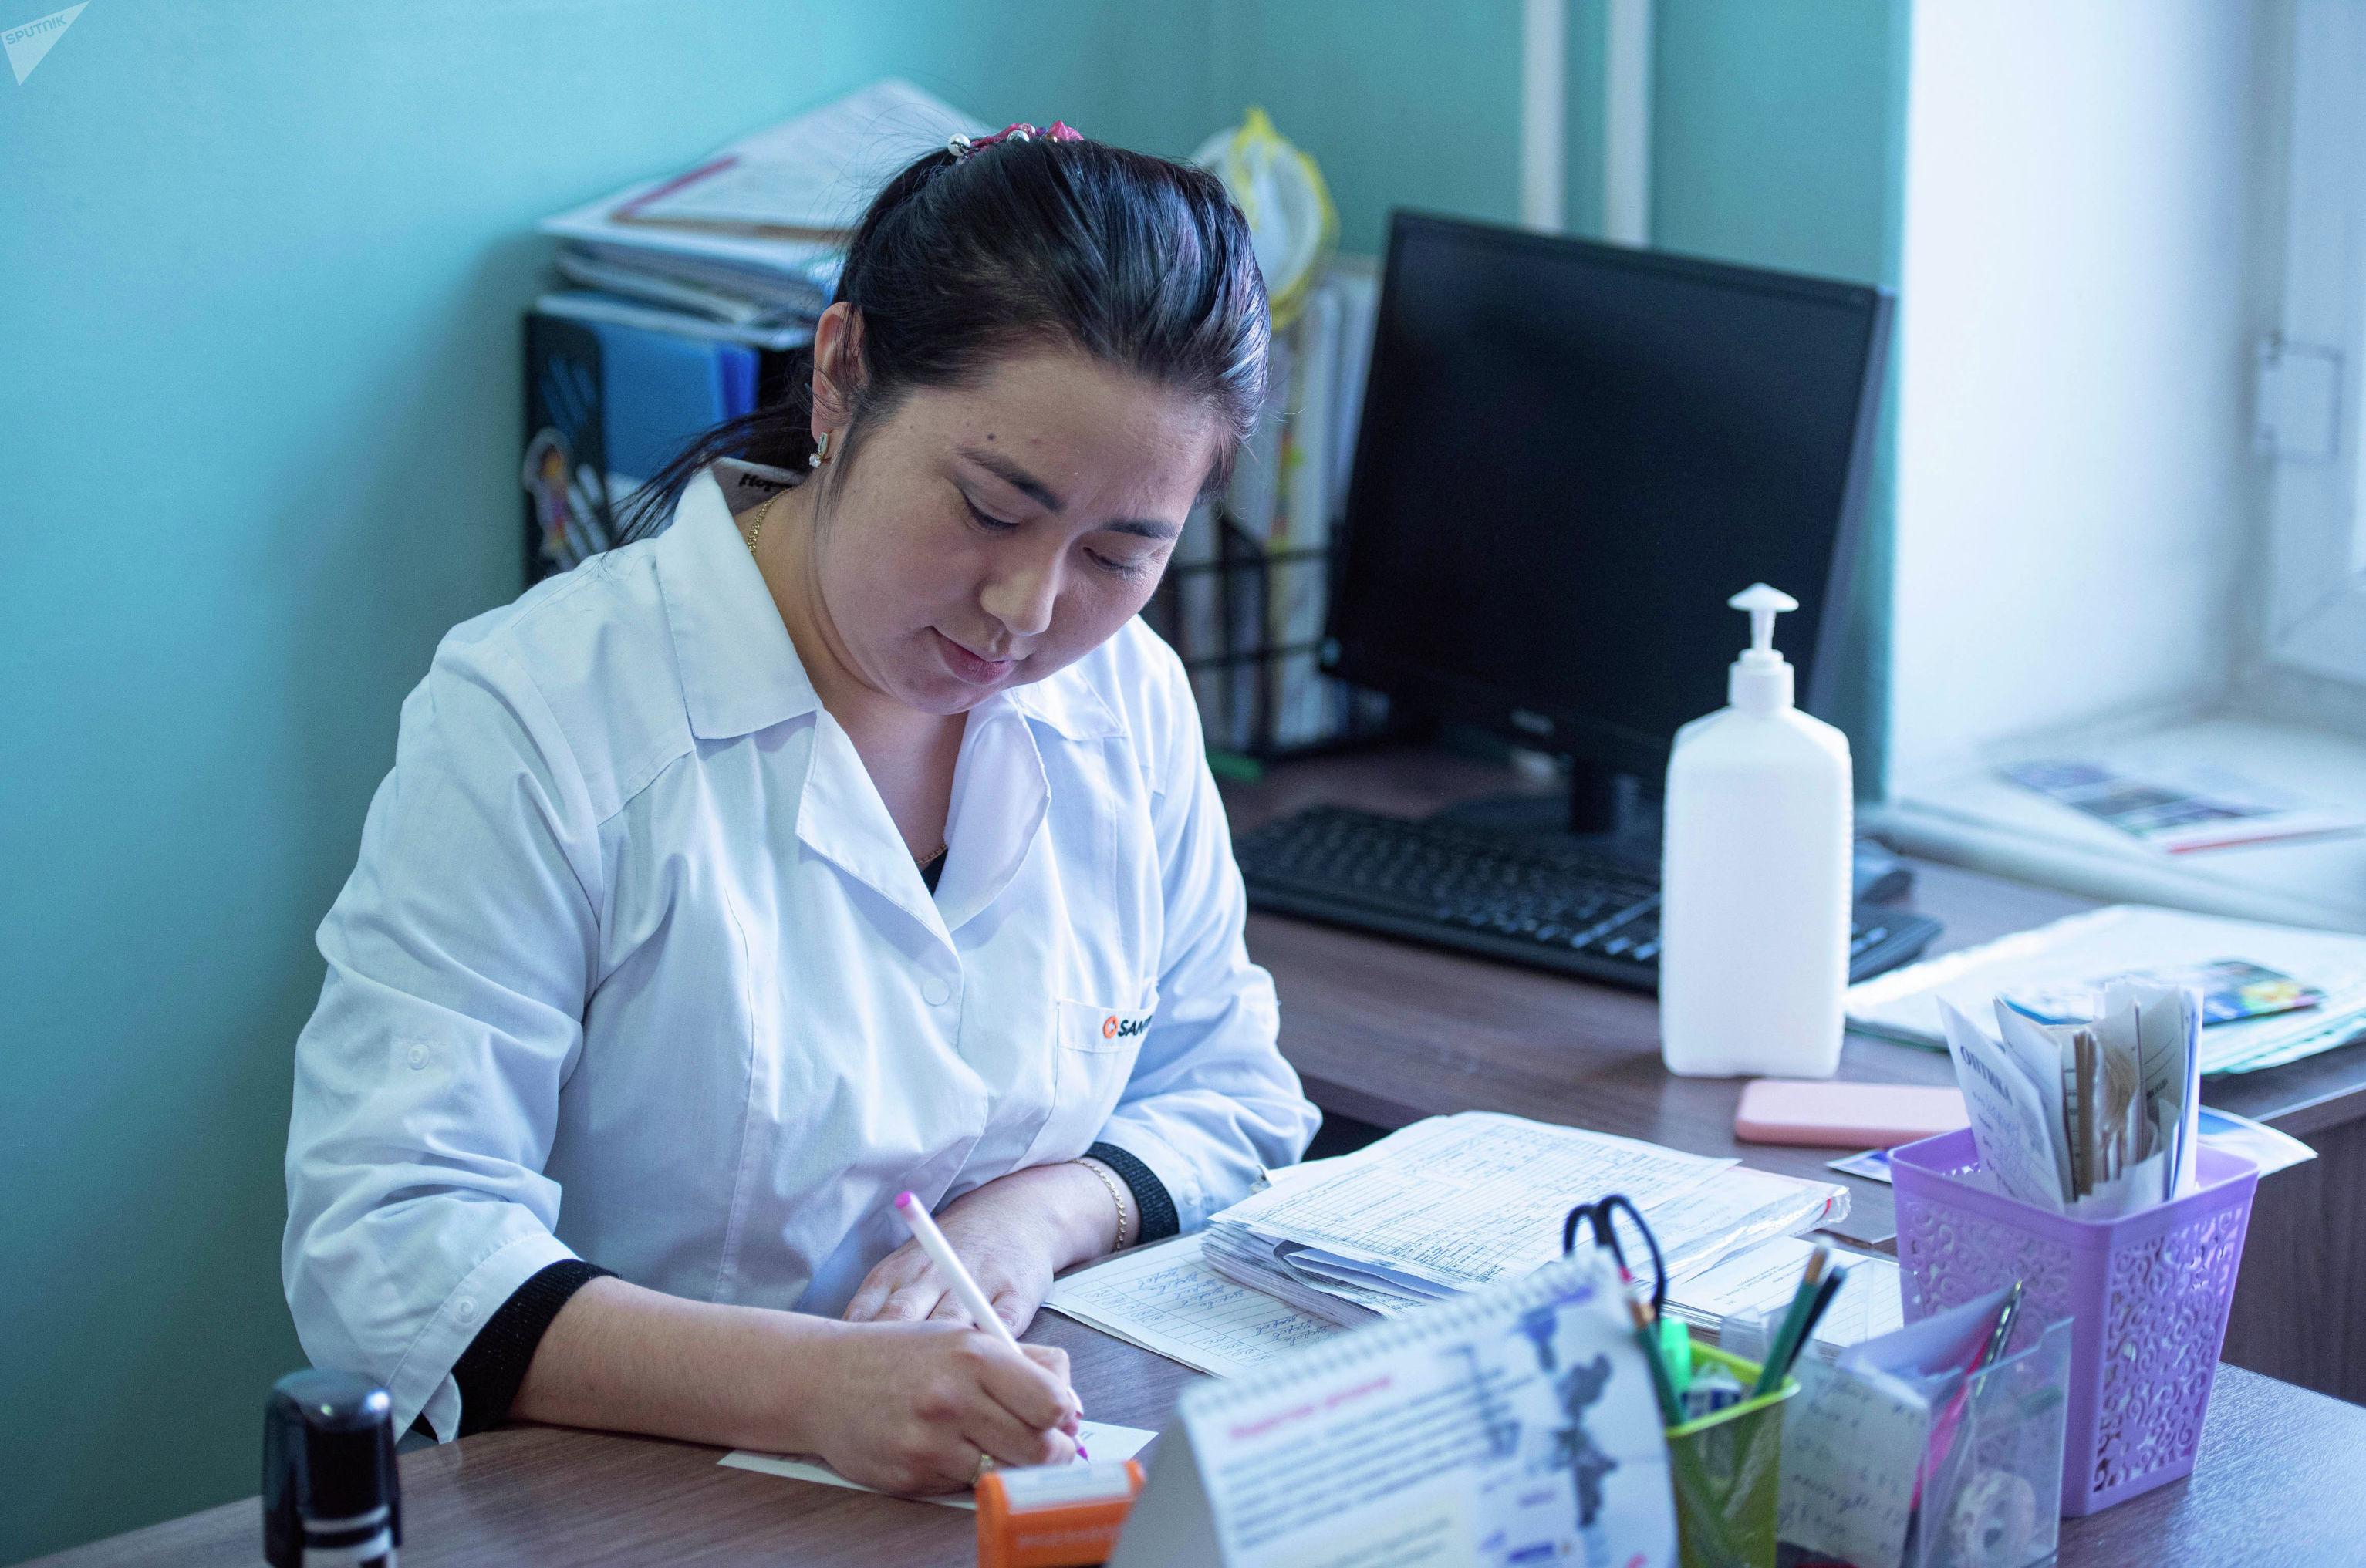 Детский невропатолог Жазгуль Абдыраимова в рабочем кабинете